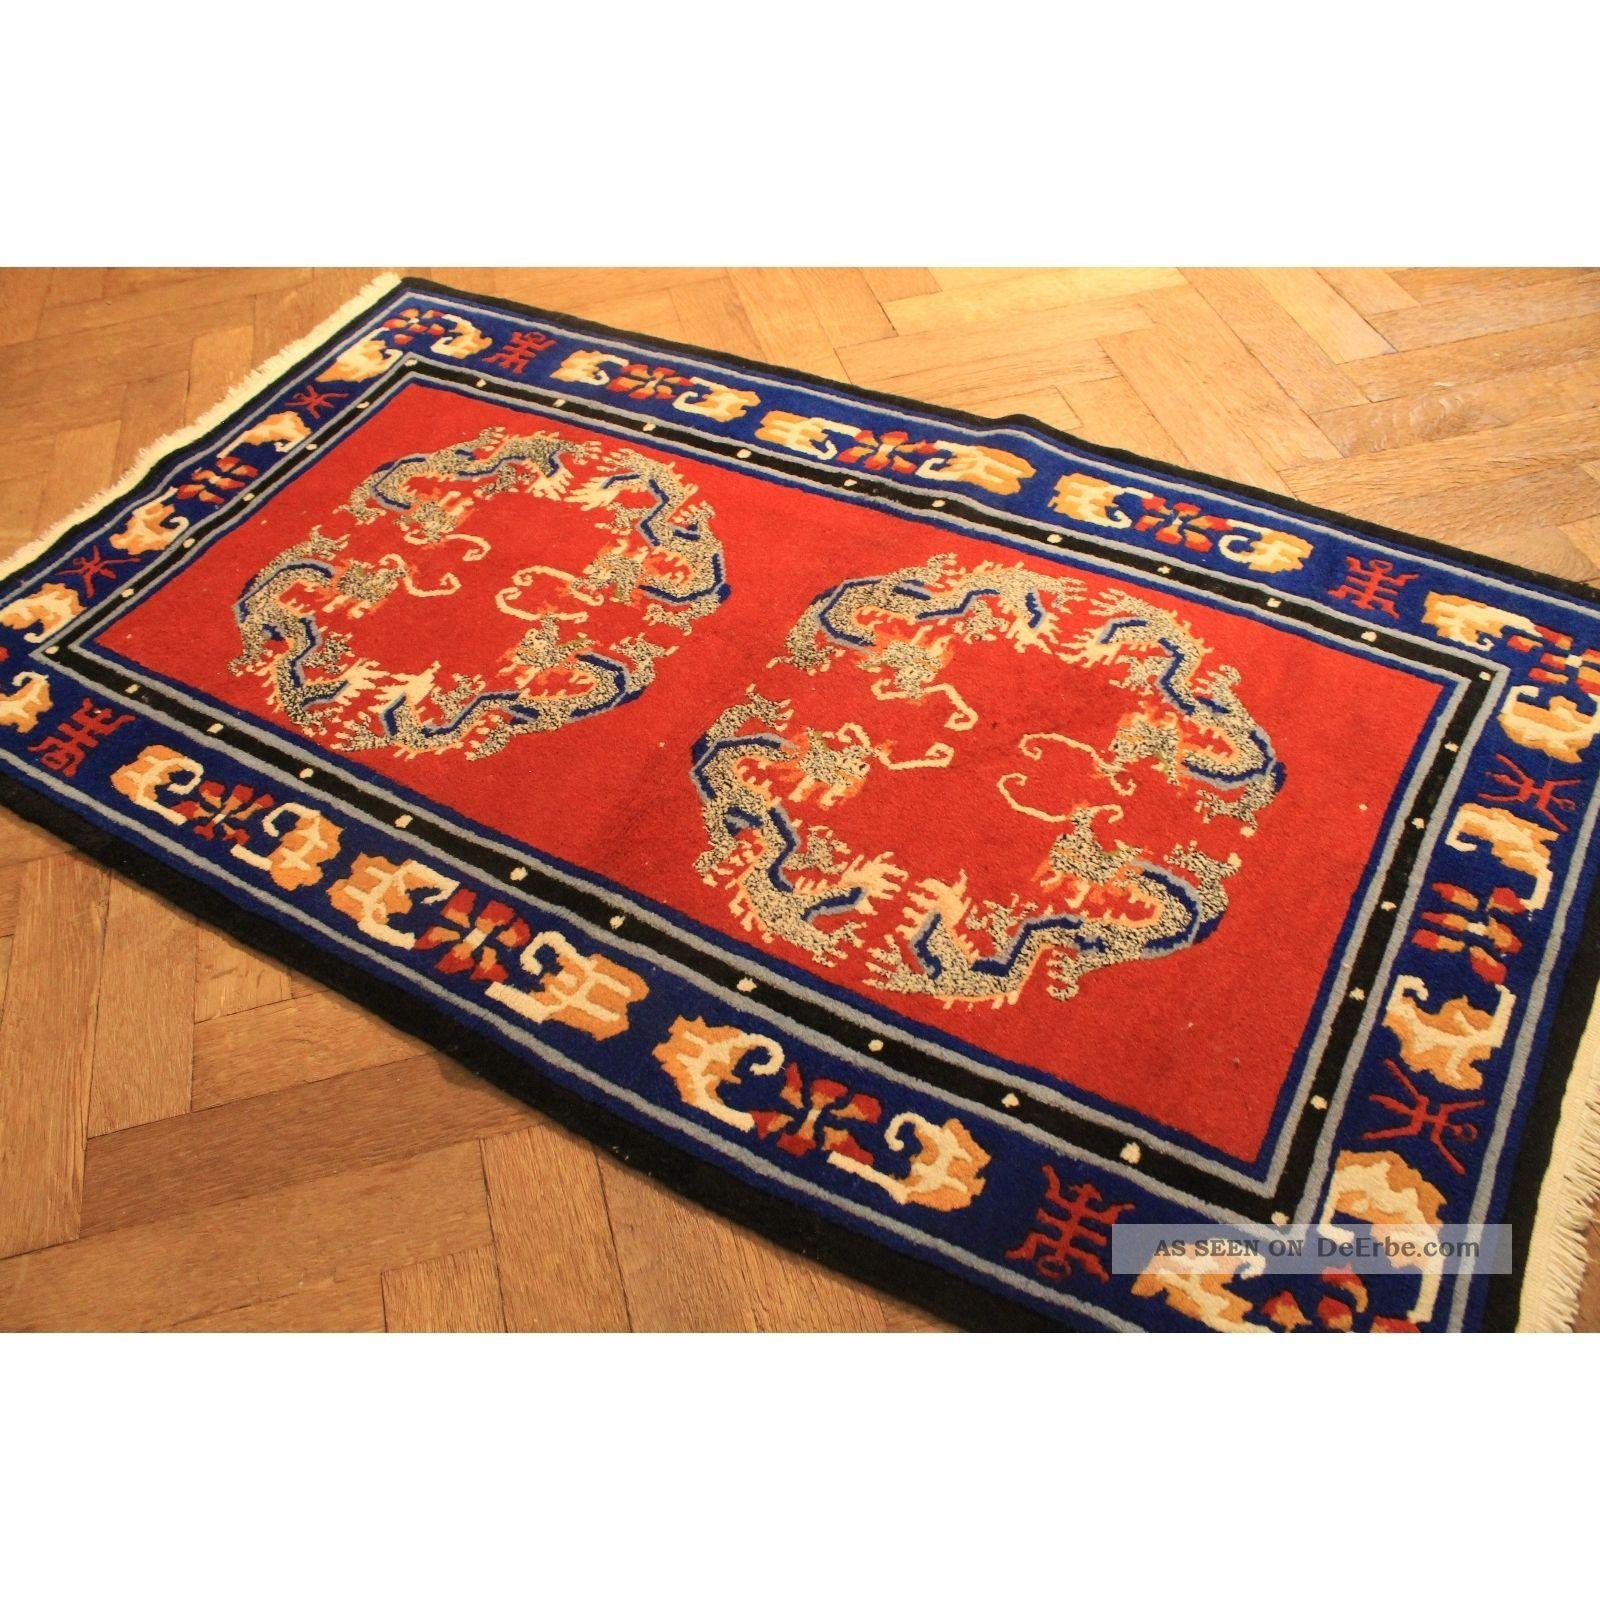 sch ner handgekn pfter orient teppich drachen china art. Black Bedroom Furniture Sets. Home Design Ideas